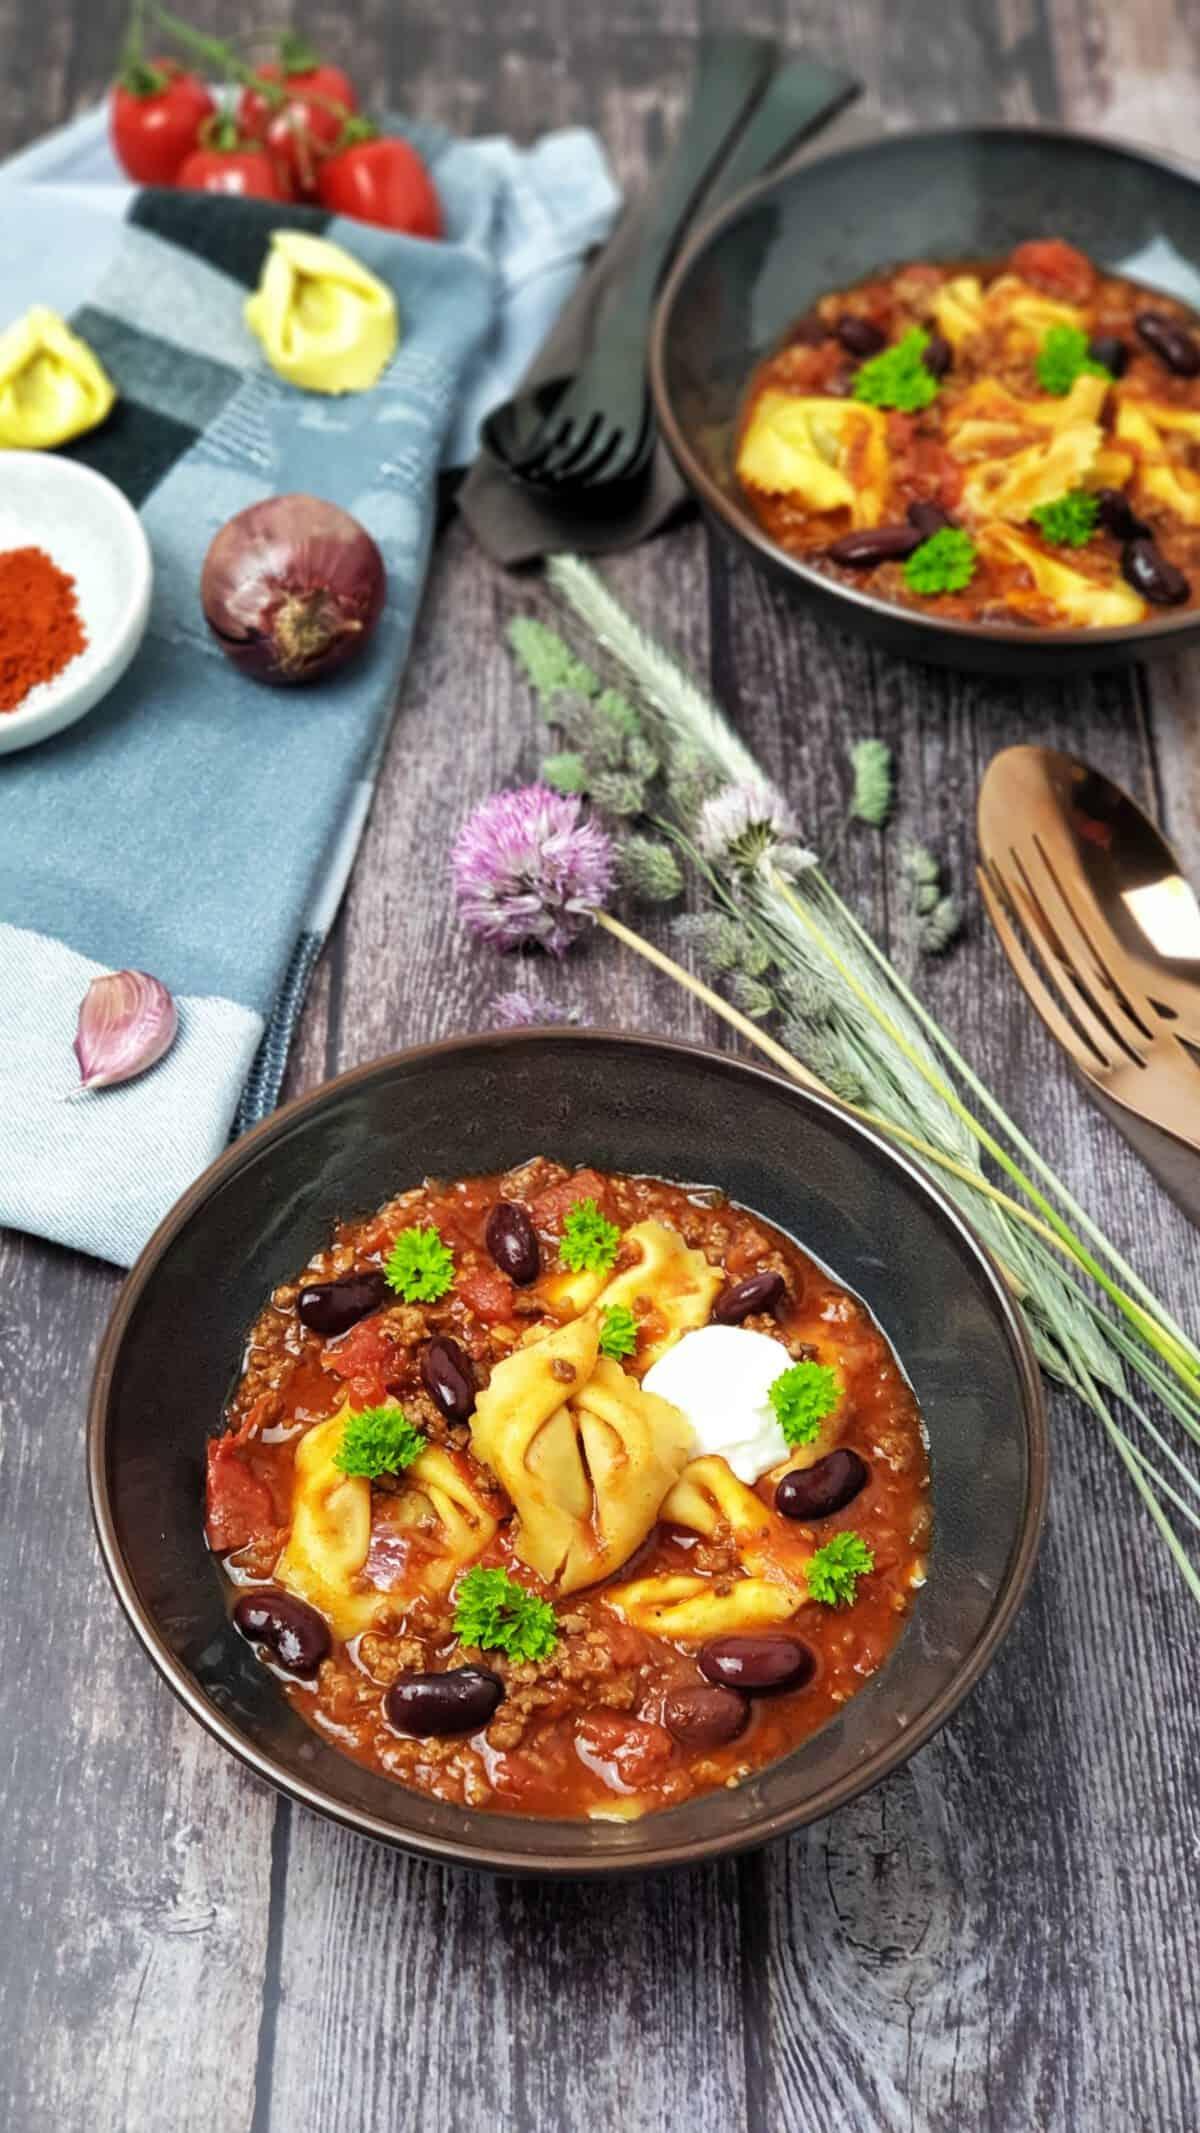 In einer braunen Schale serviert eine Tortellini-Suppe mit Hackfleisch. Mit Petersilie bestreut.